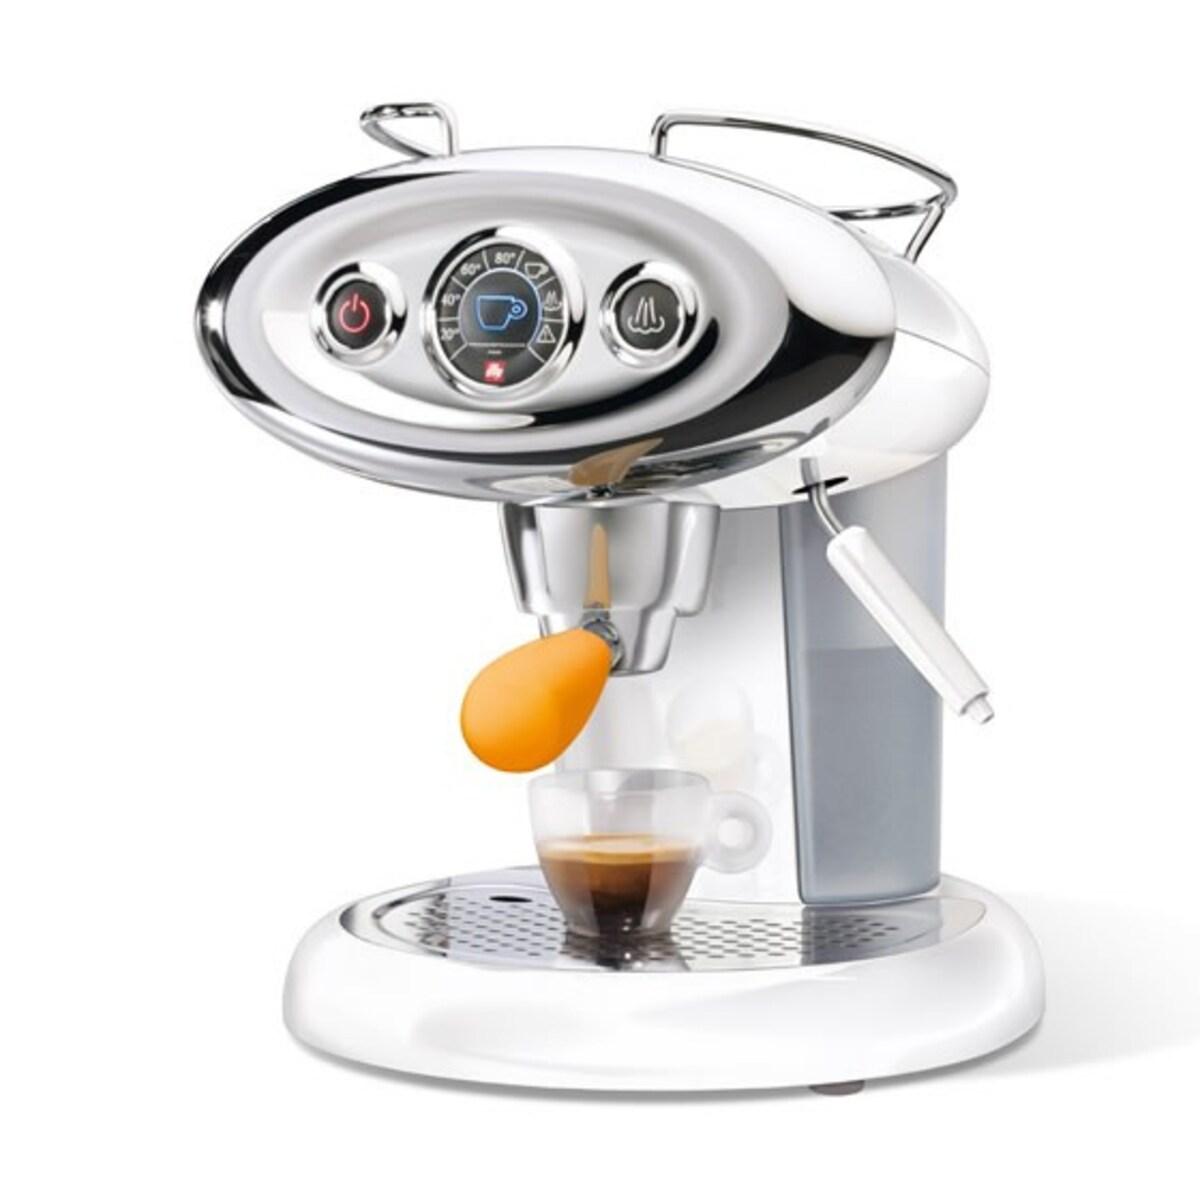 Кафемашина illy Francis Francis X 7.1 Limited Edition Orange, IperEspresso система